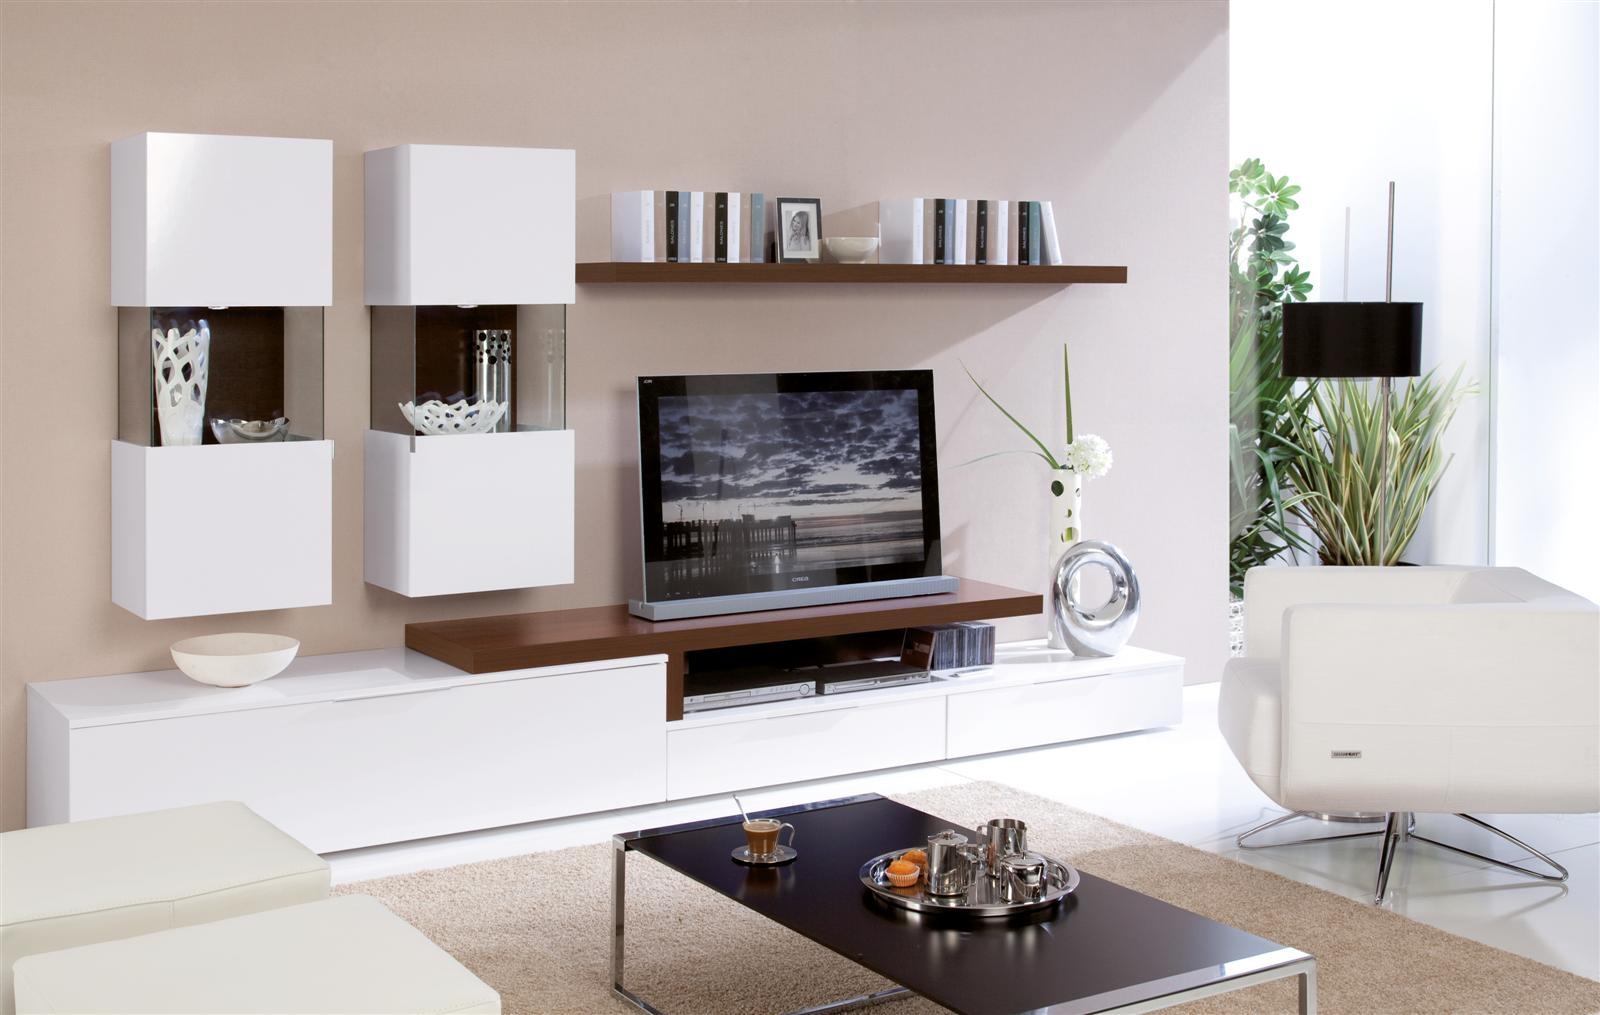 tv unit design ideas photo - 4